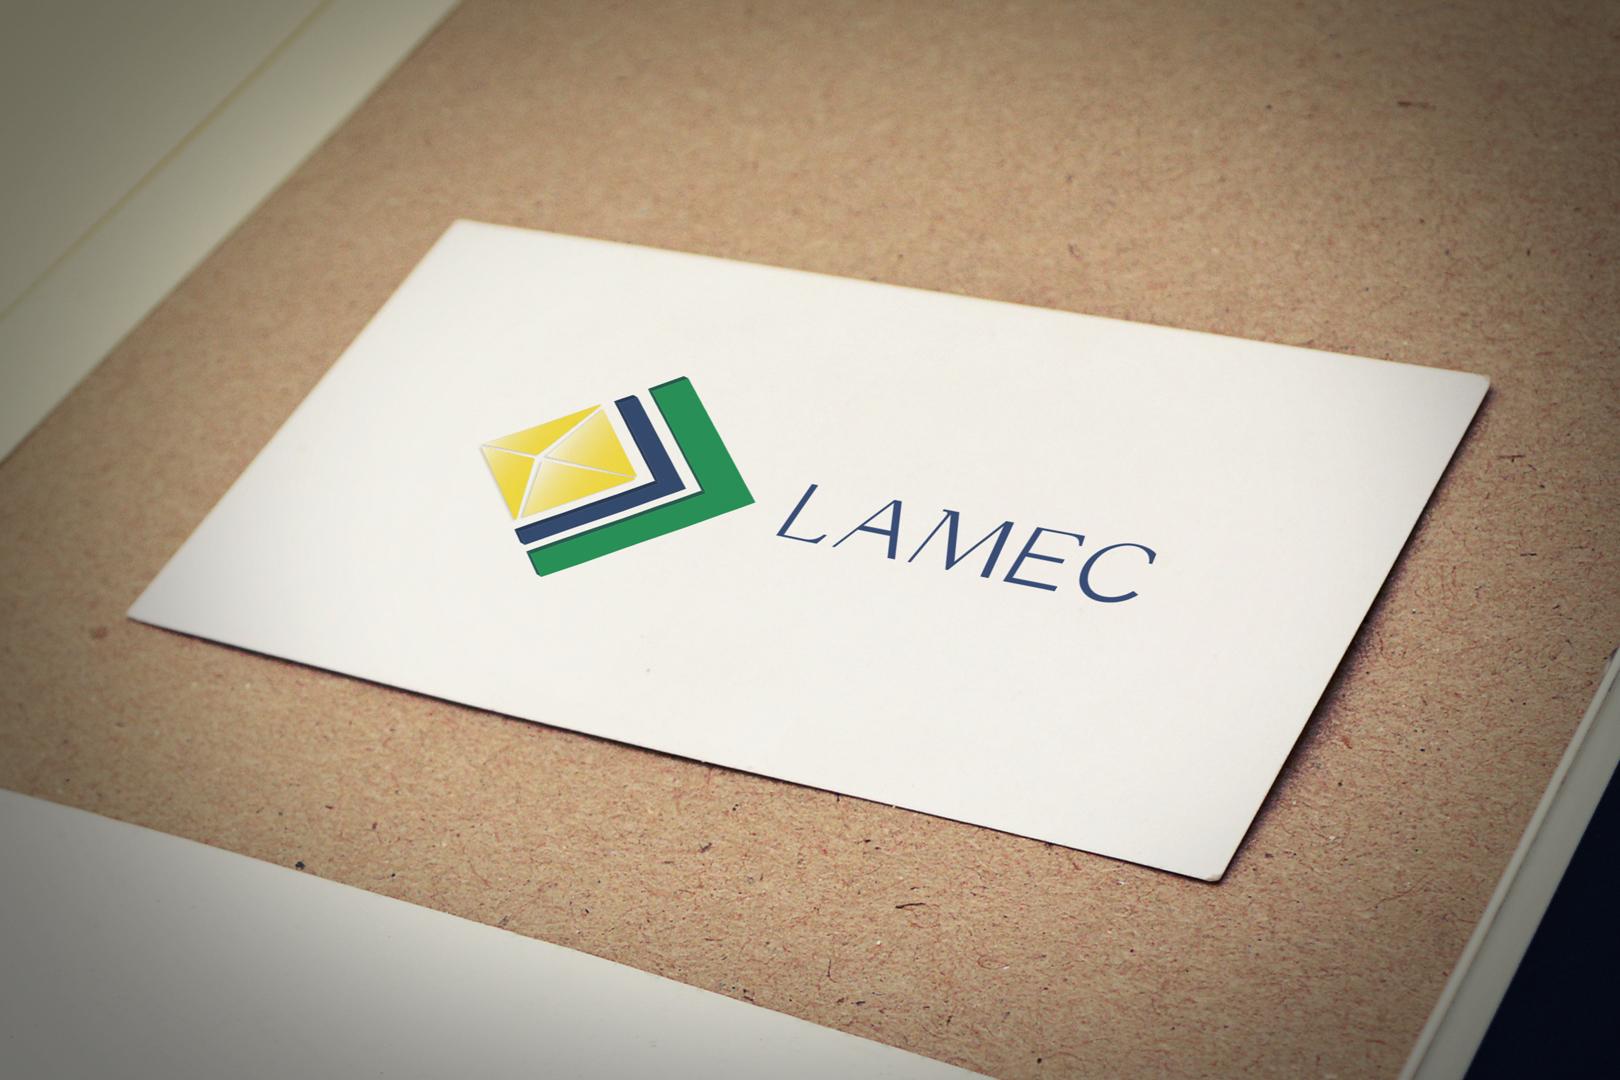 lamec-logo